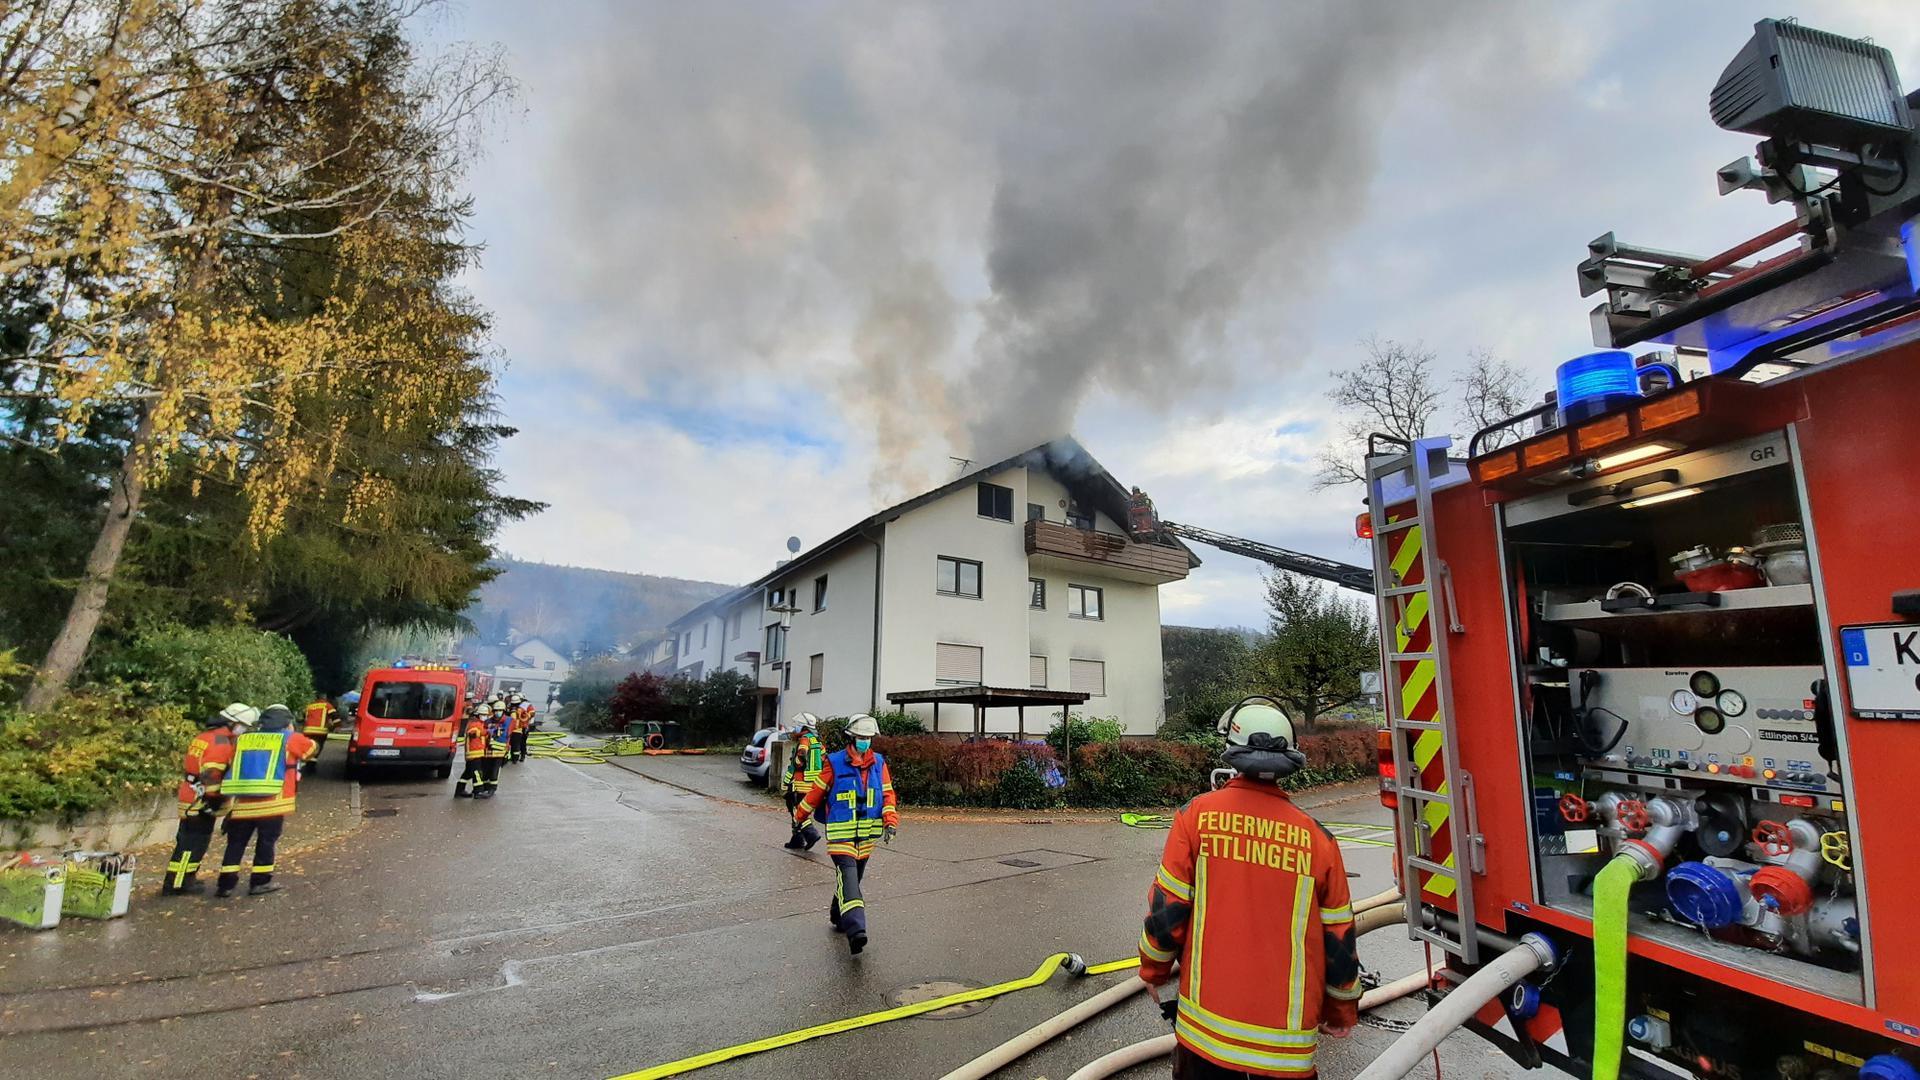 Rauchwolke in Oberweier: Bei einem Brand in einer Dachgeschosswohnung in der Fleckensteinstraße wurde am Donnerstag glücklicherweise niemand verletzt.